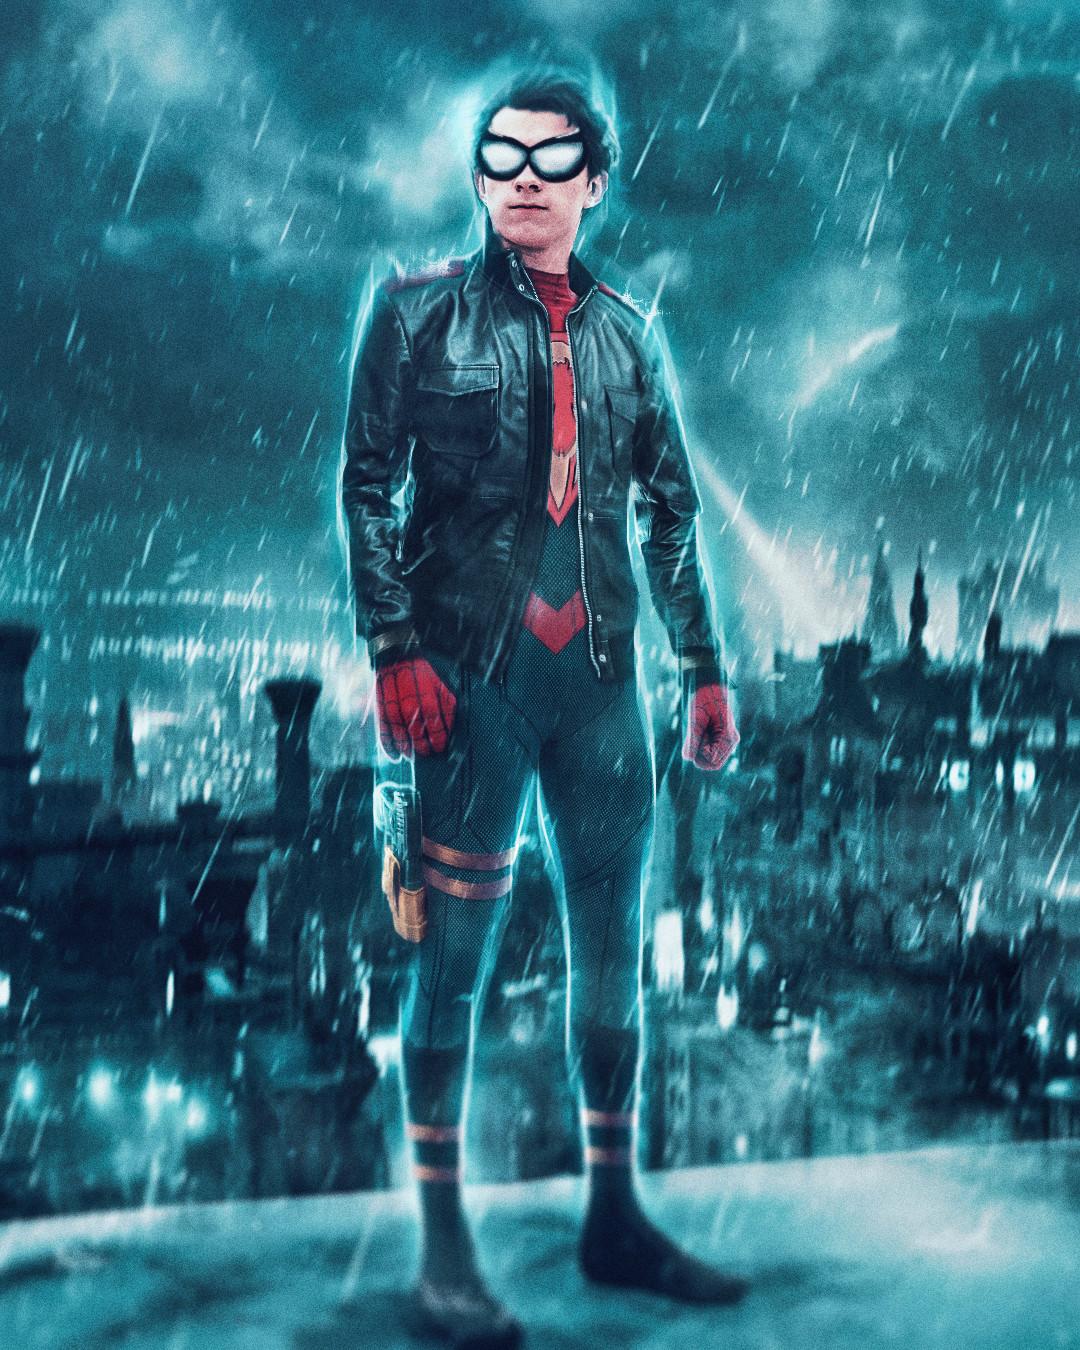 Superboy x Spider-Man